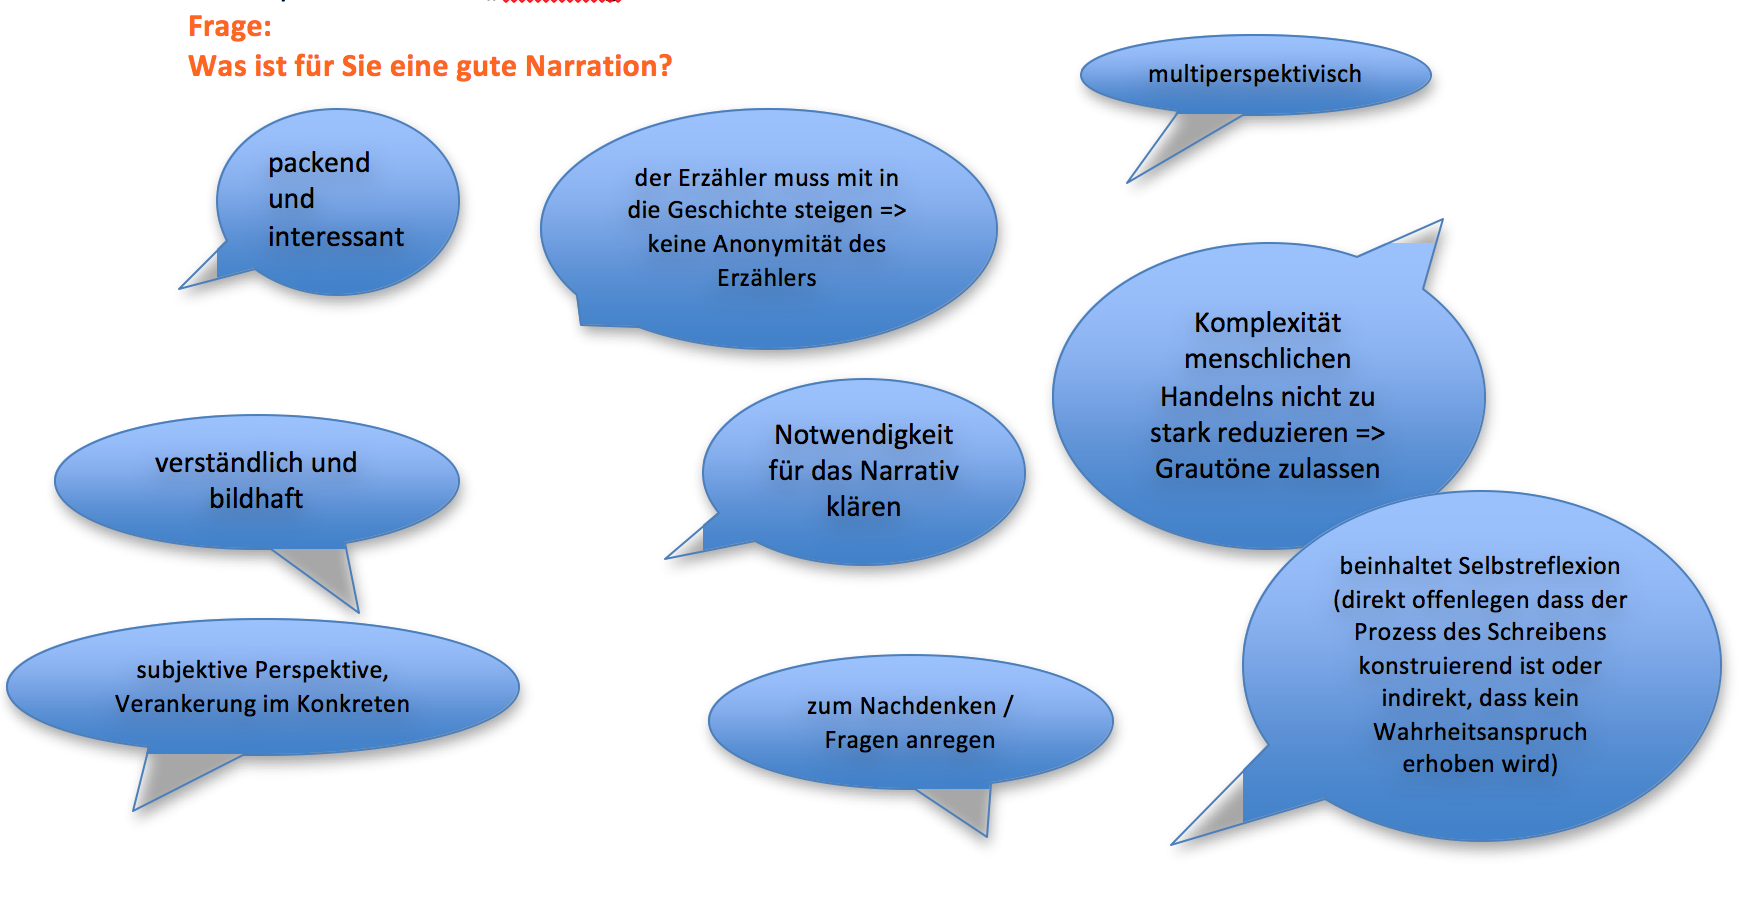 Was ist eine gute Narration?